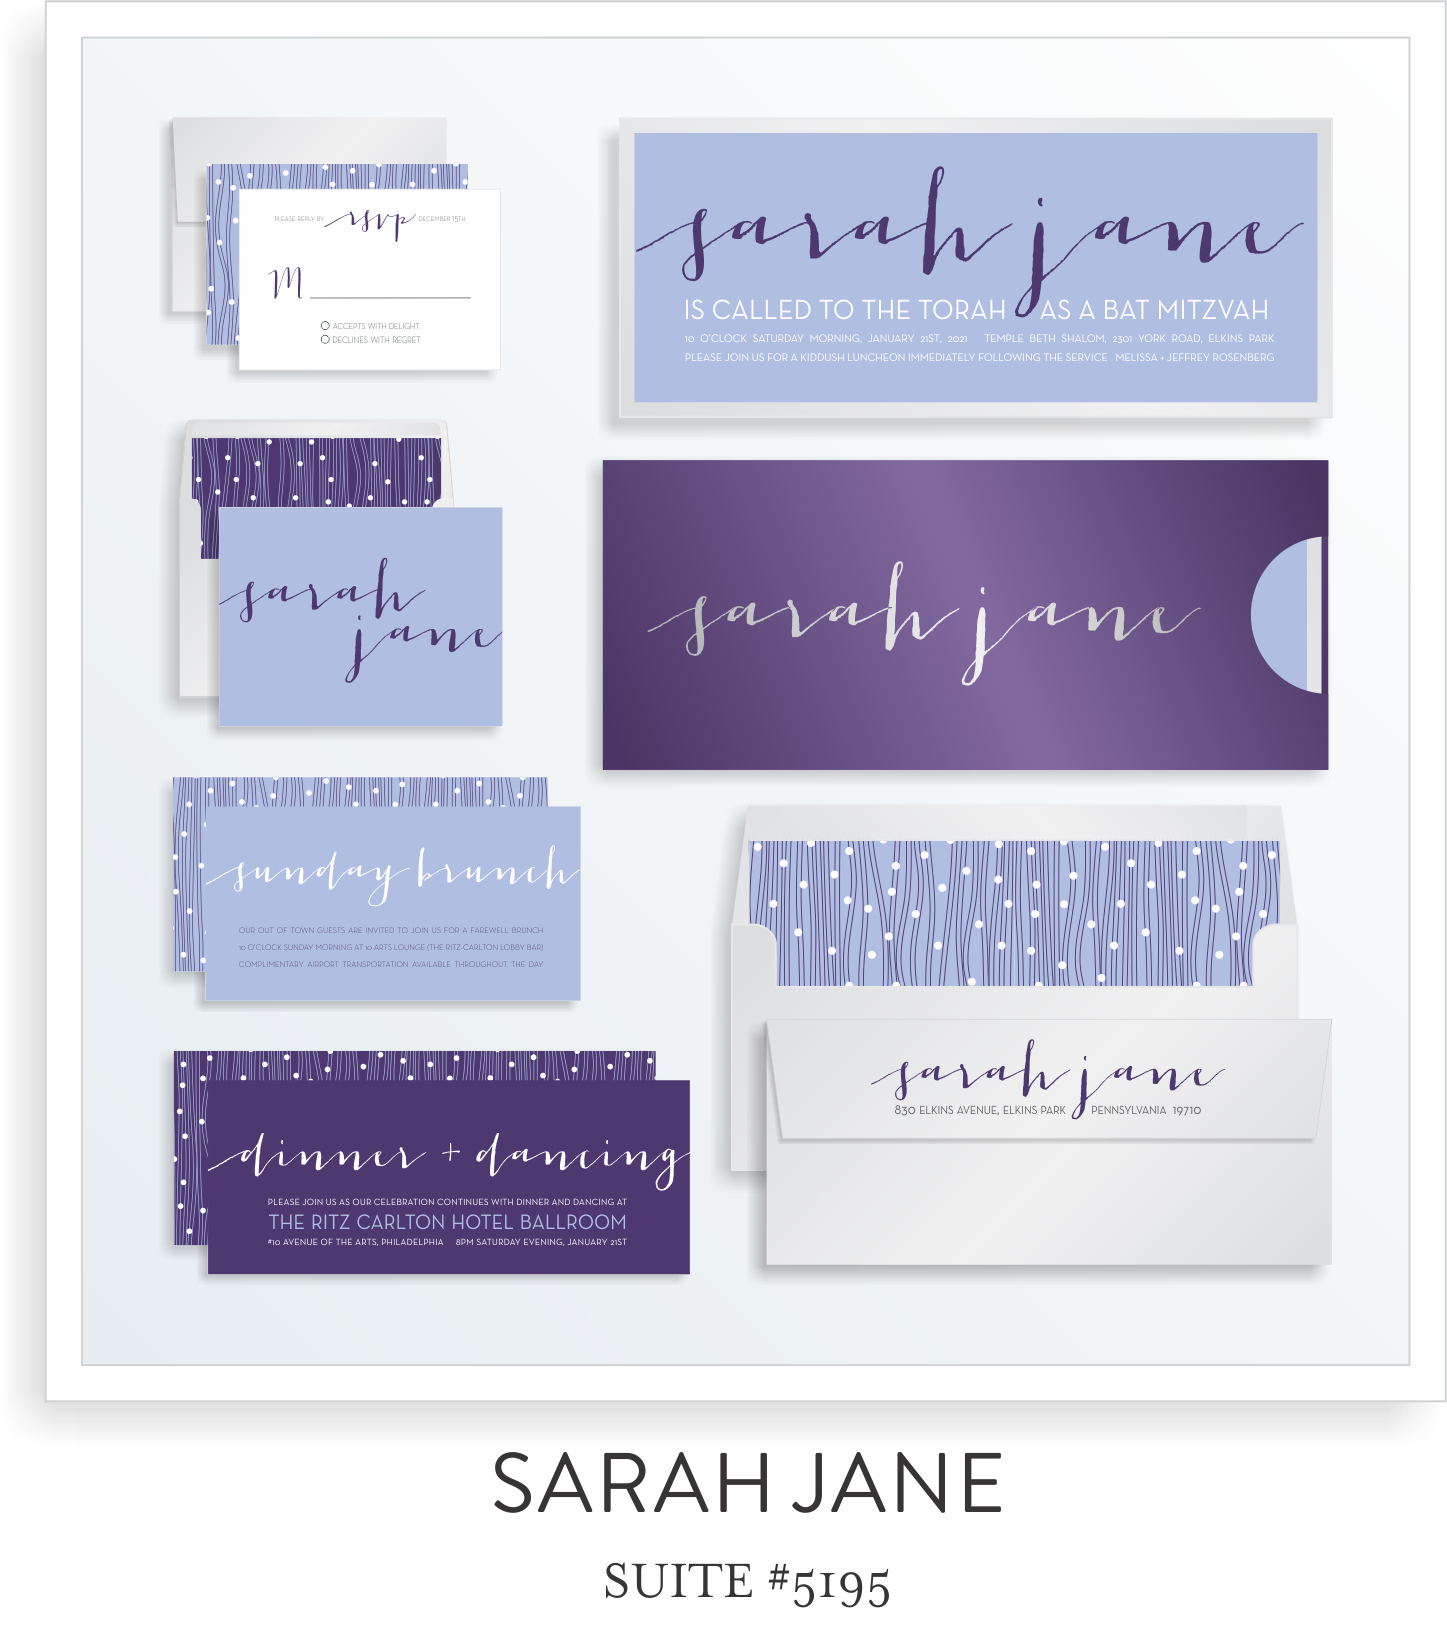 5195 SARAH JANE SUITE THUMB.png